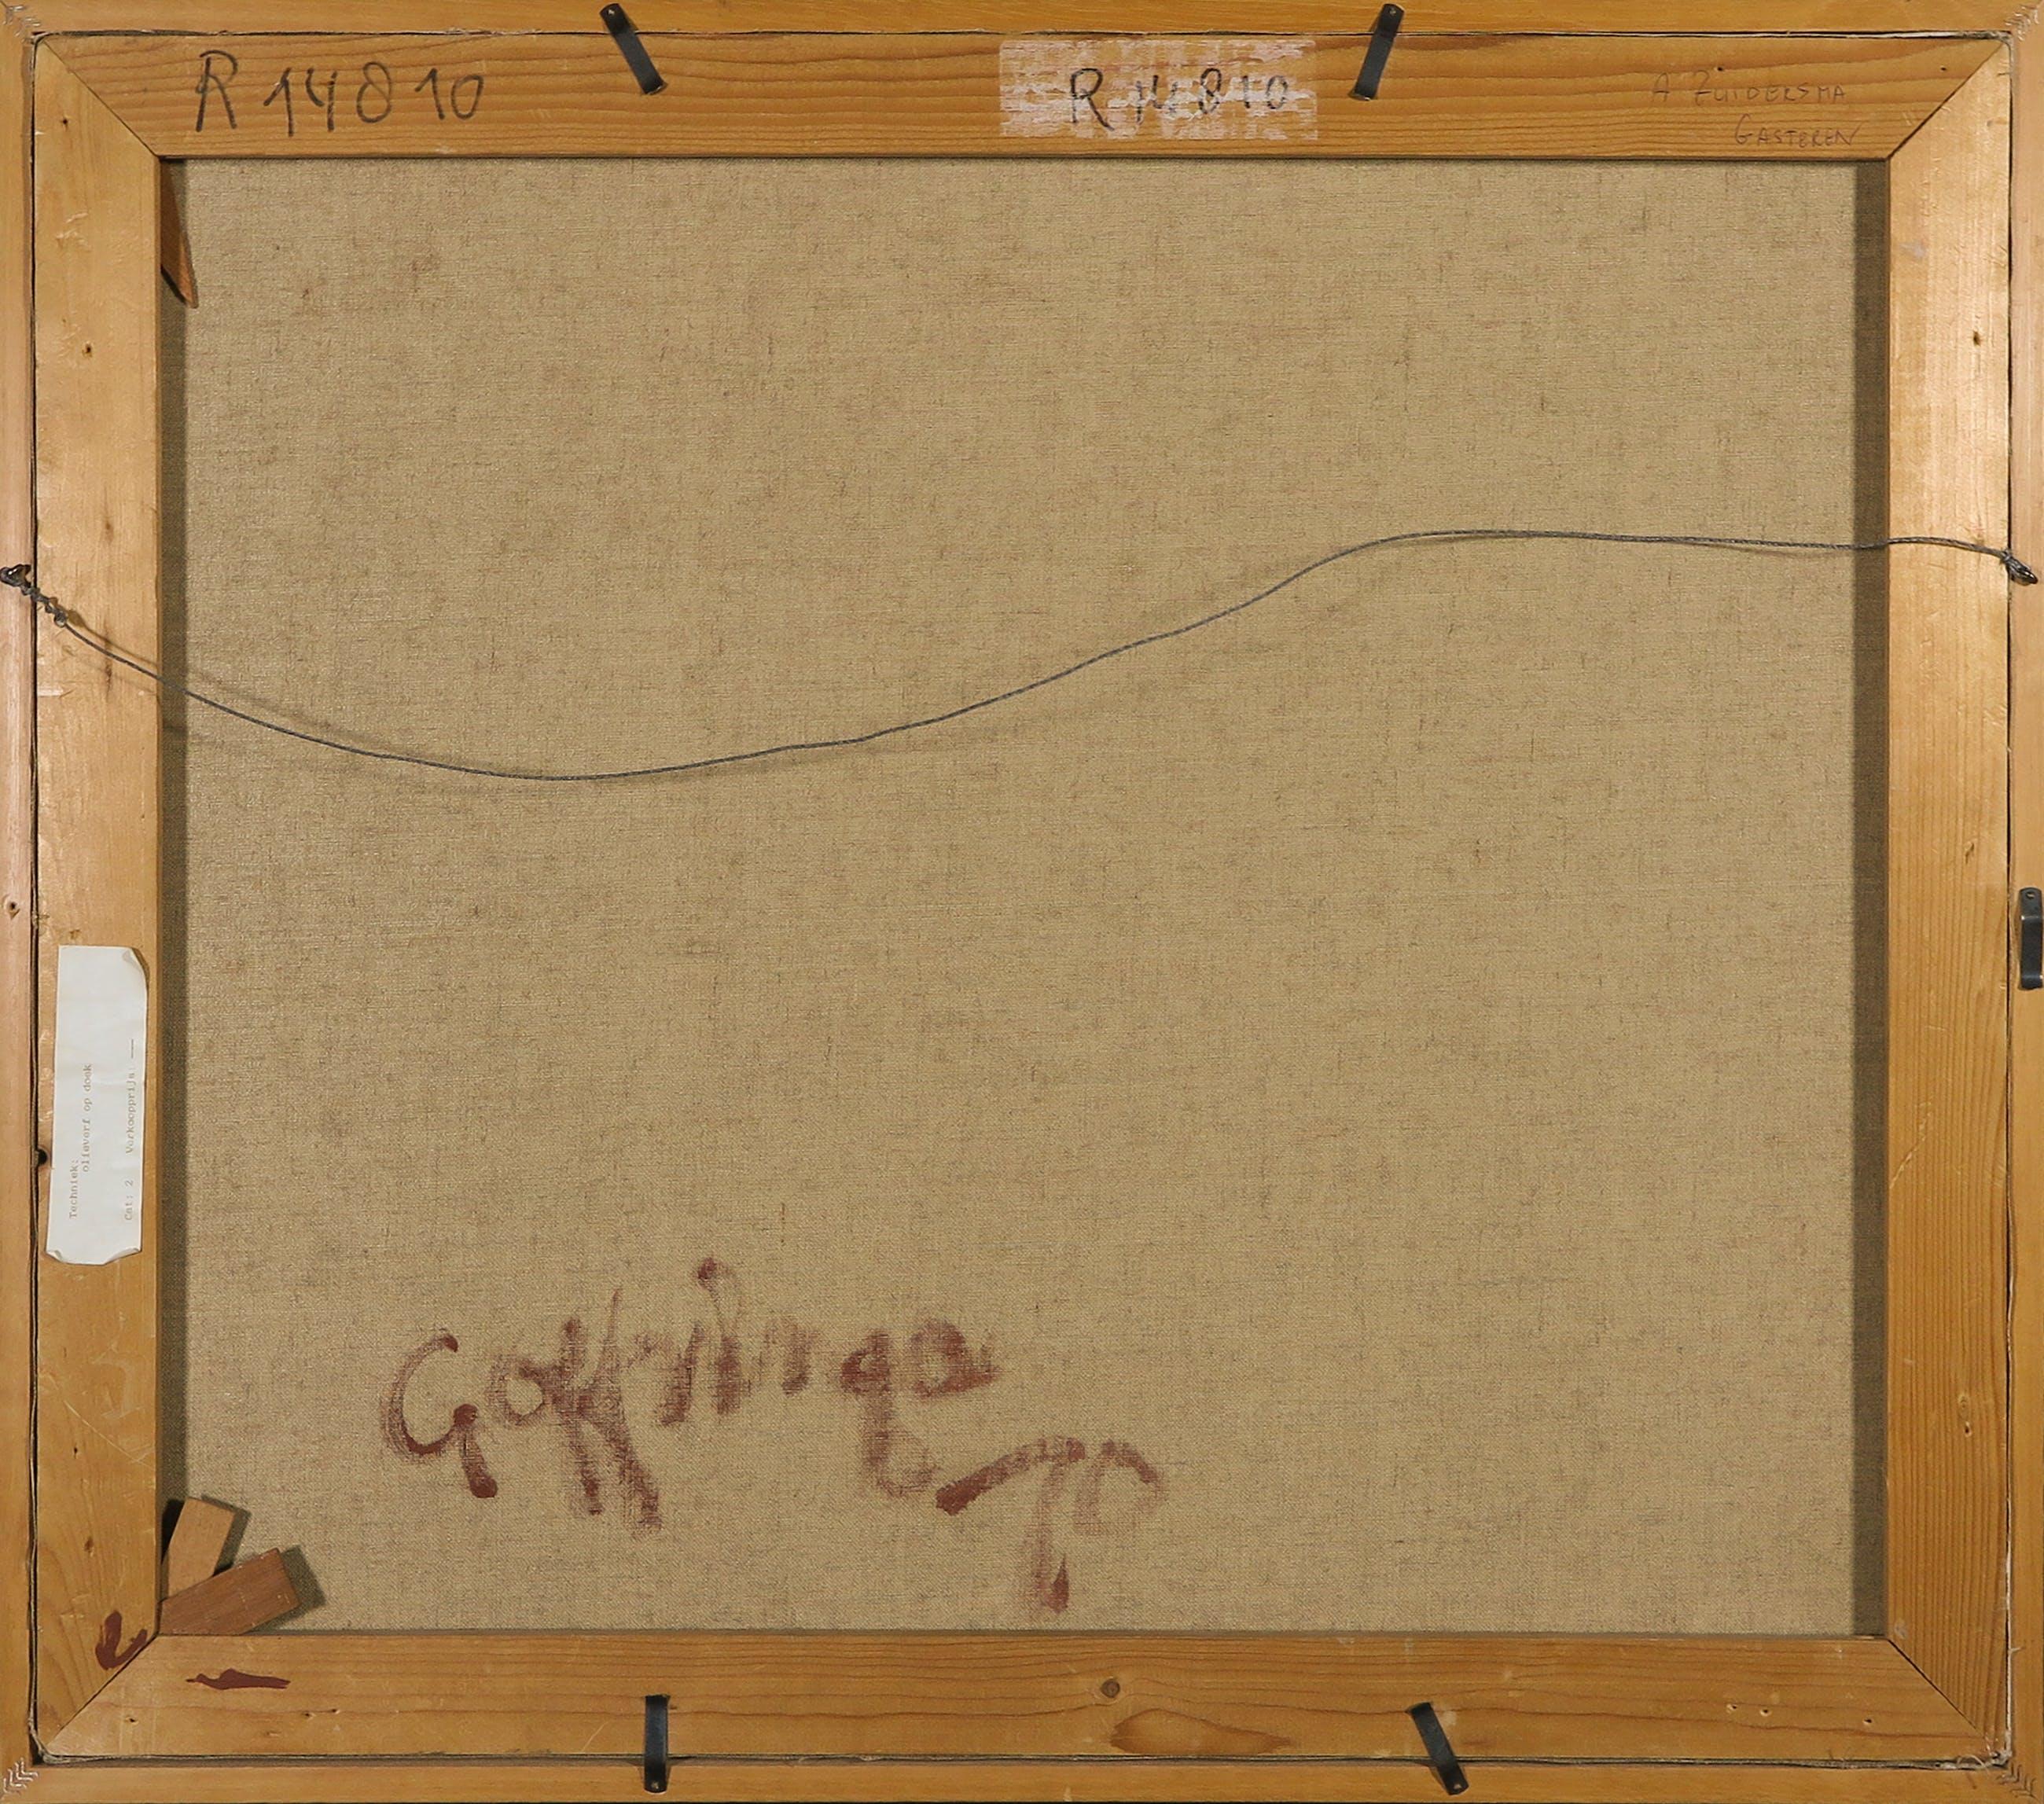 Gerrit Offringa - Acryl op doek, Abstracte compositie - Ingelijst kopen? Bied vanaf 1!